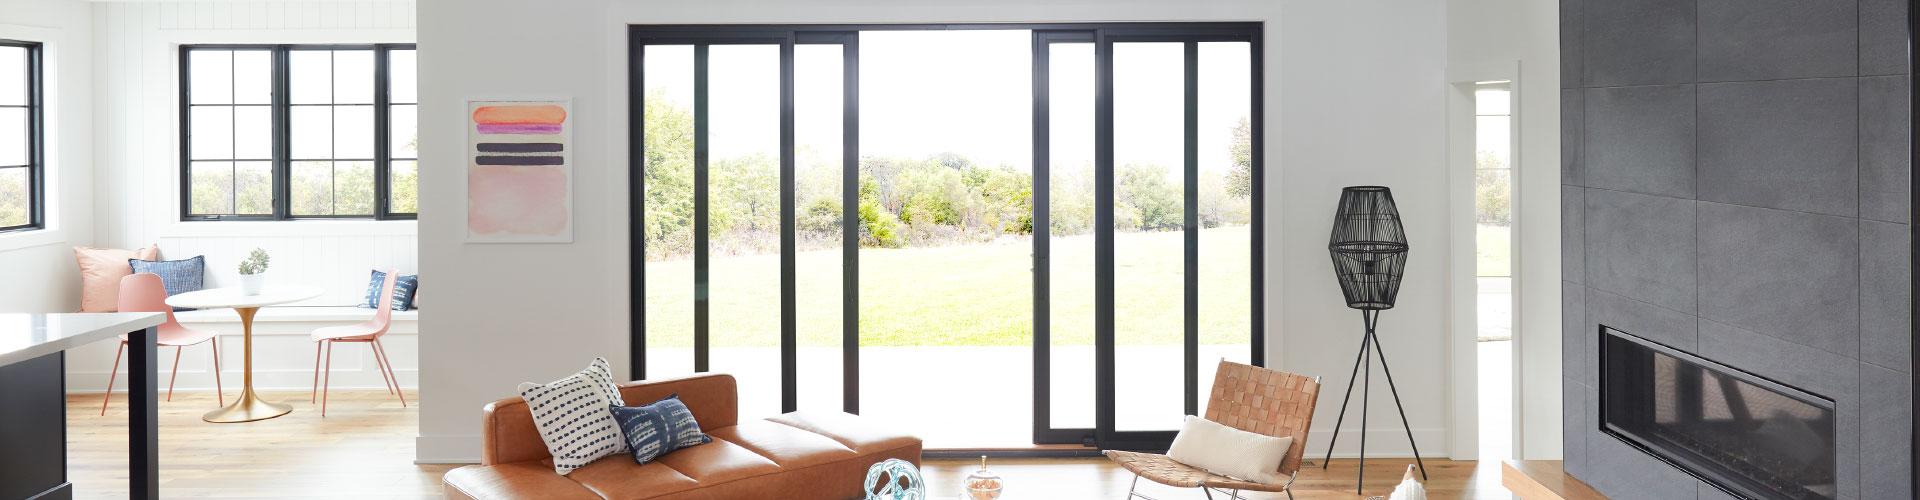 window door features options pella